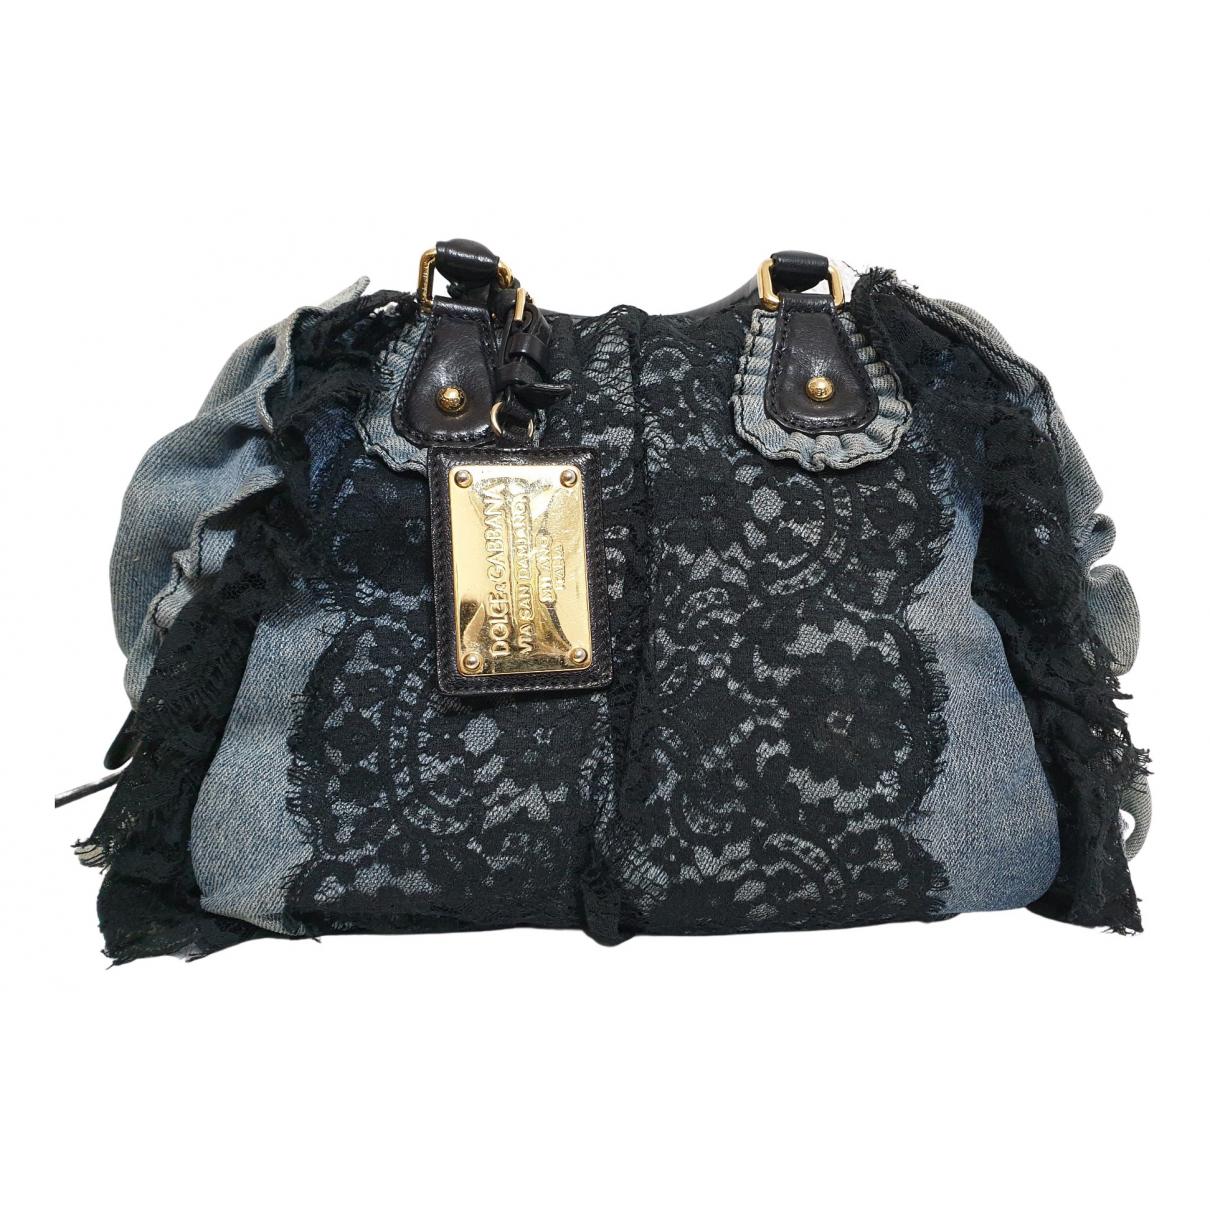 Dolce & Gabbana N Blue Denim - Jeans handbag for Women N